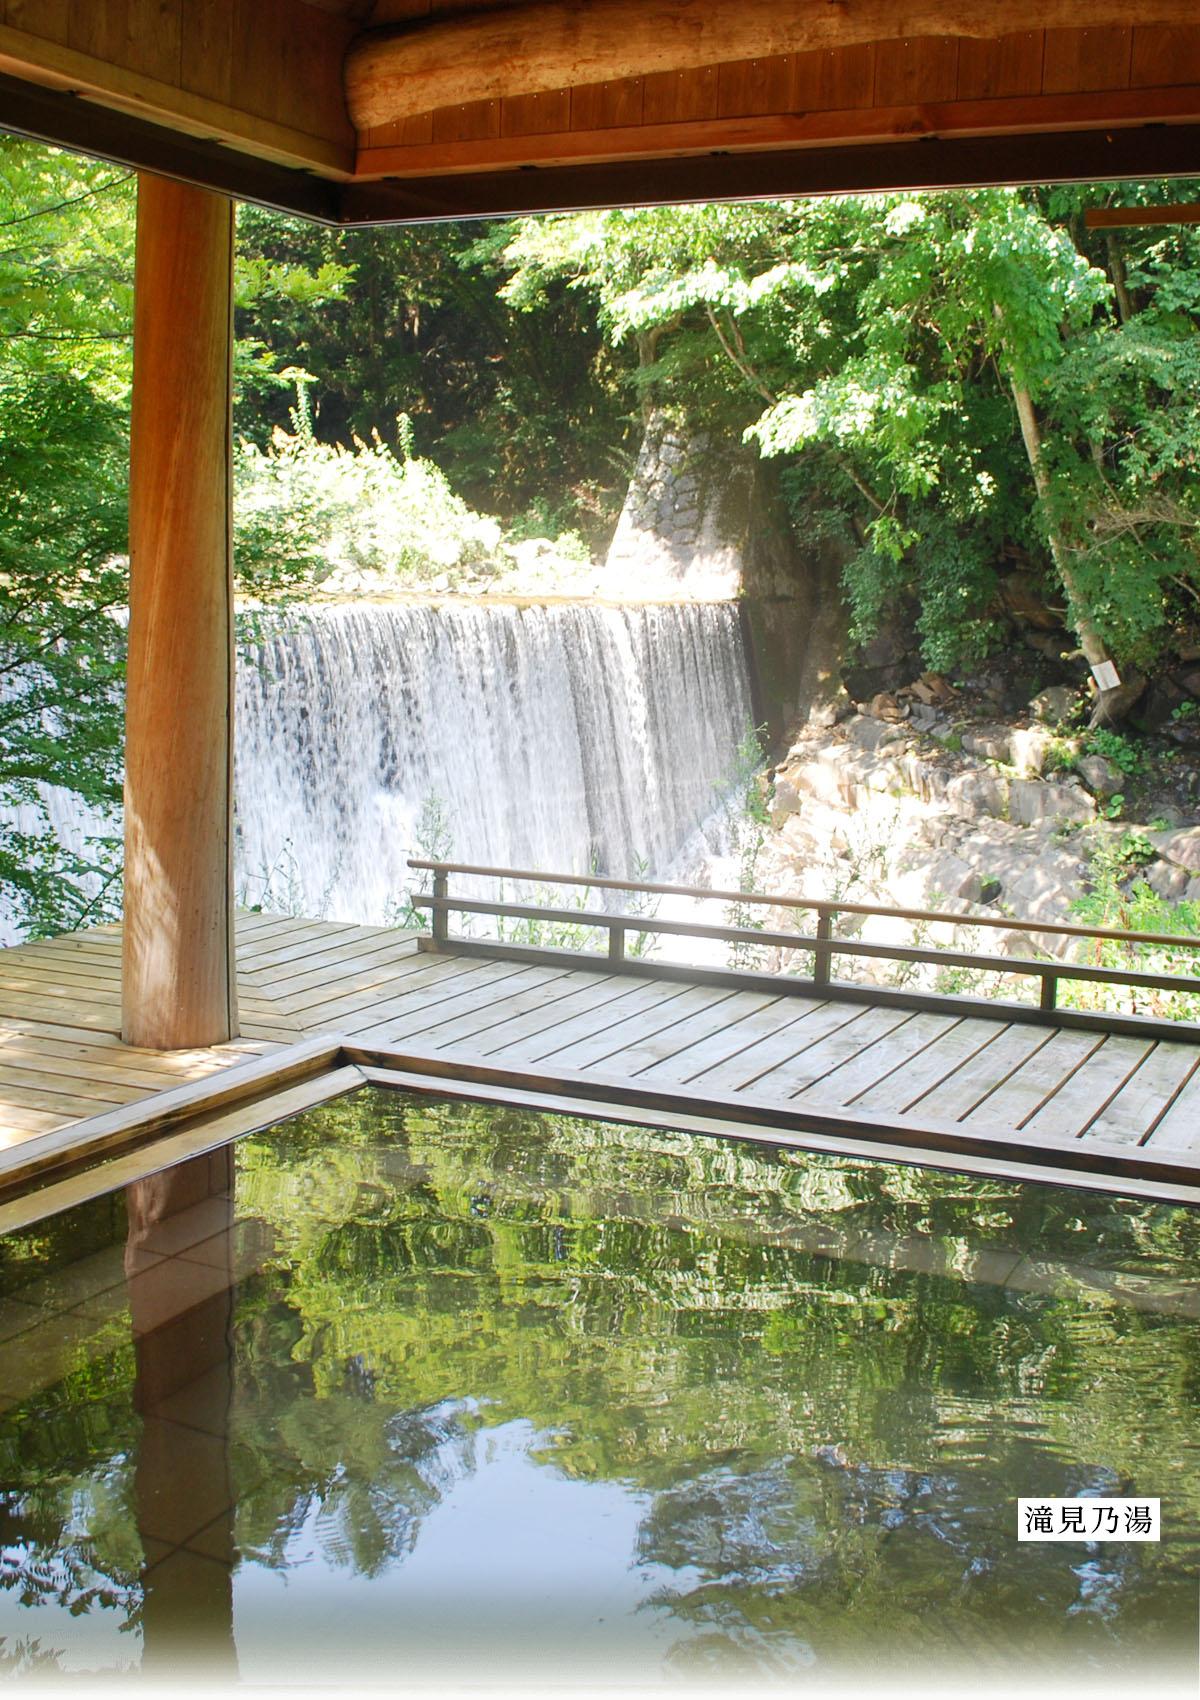 露天浴池-滝見乃湯